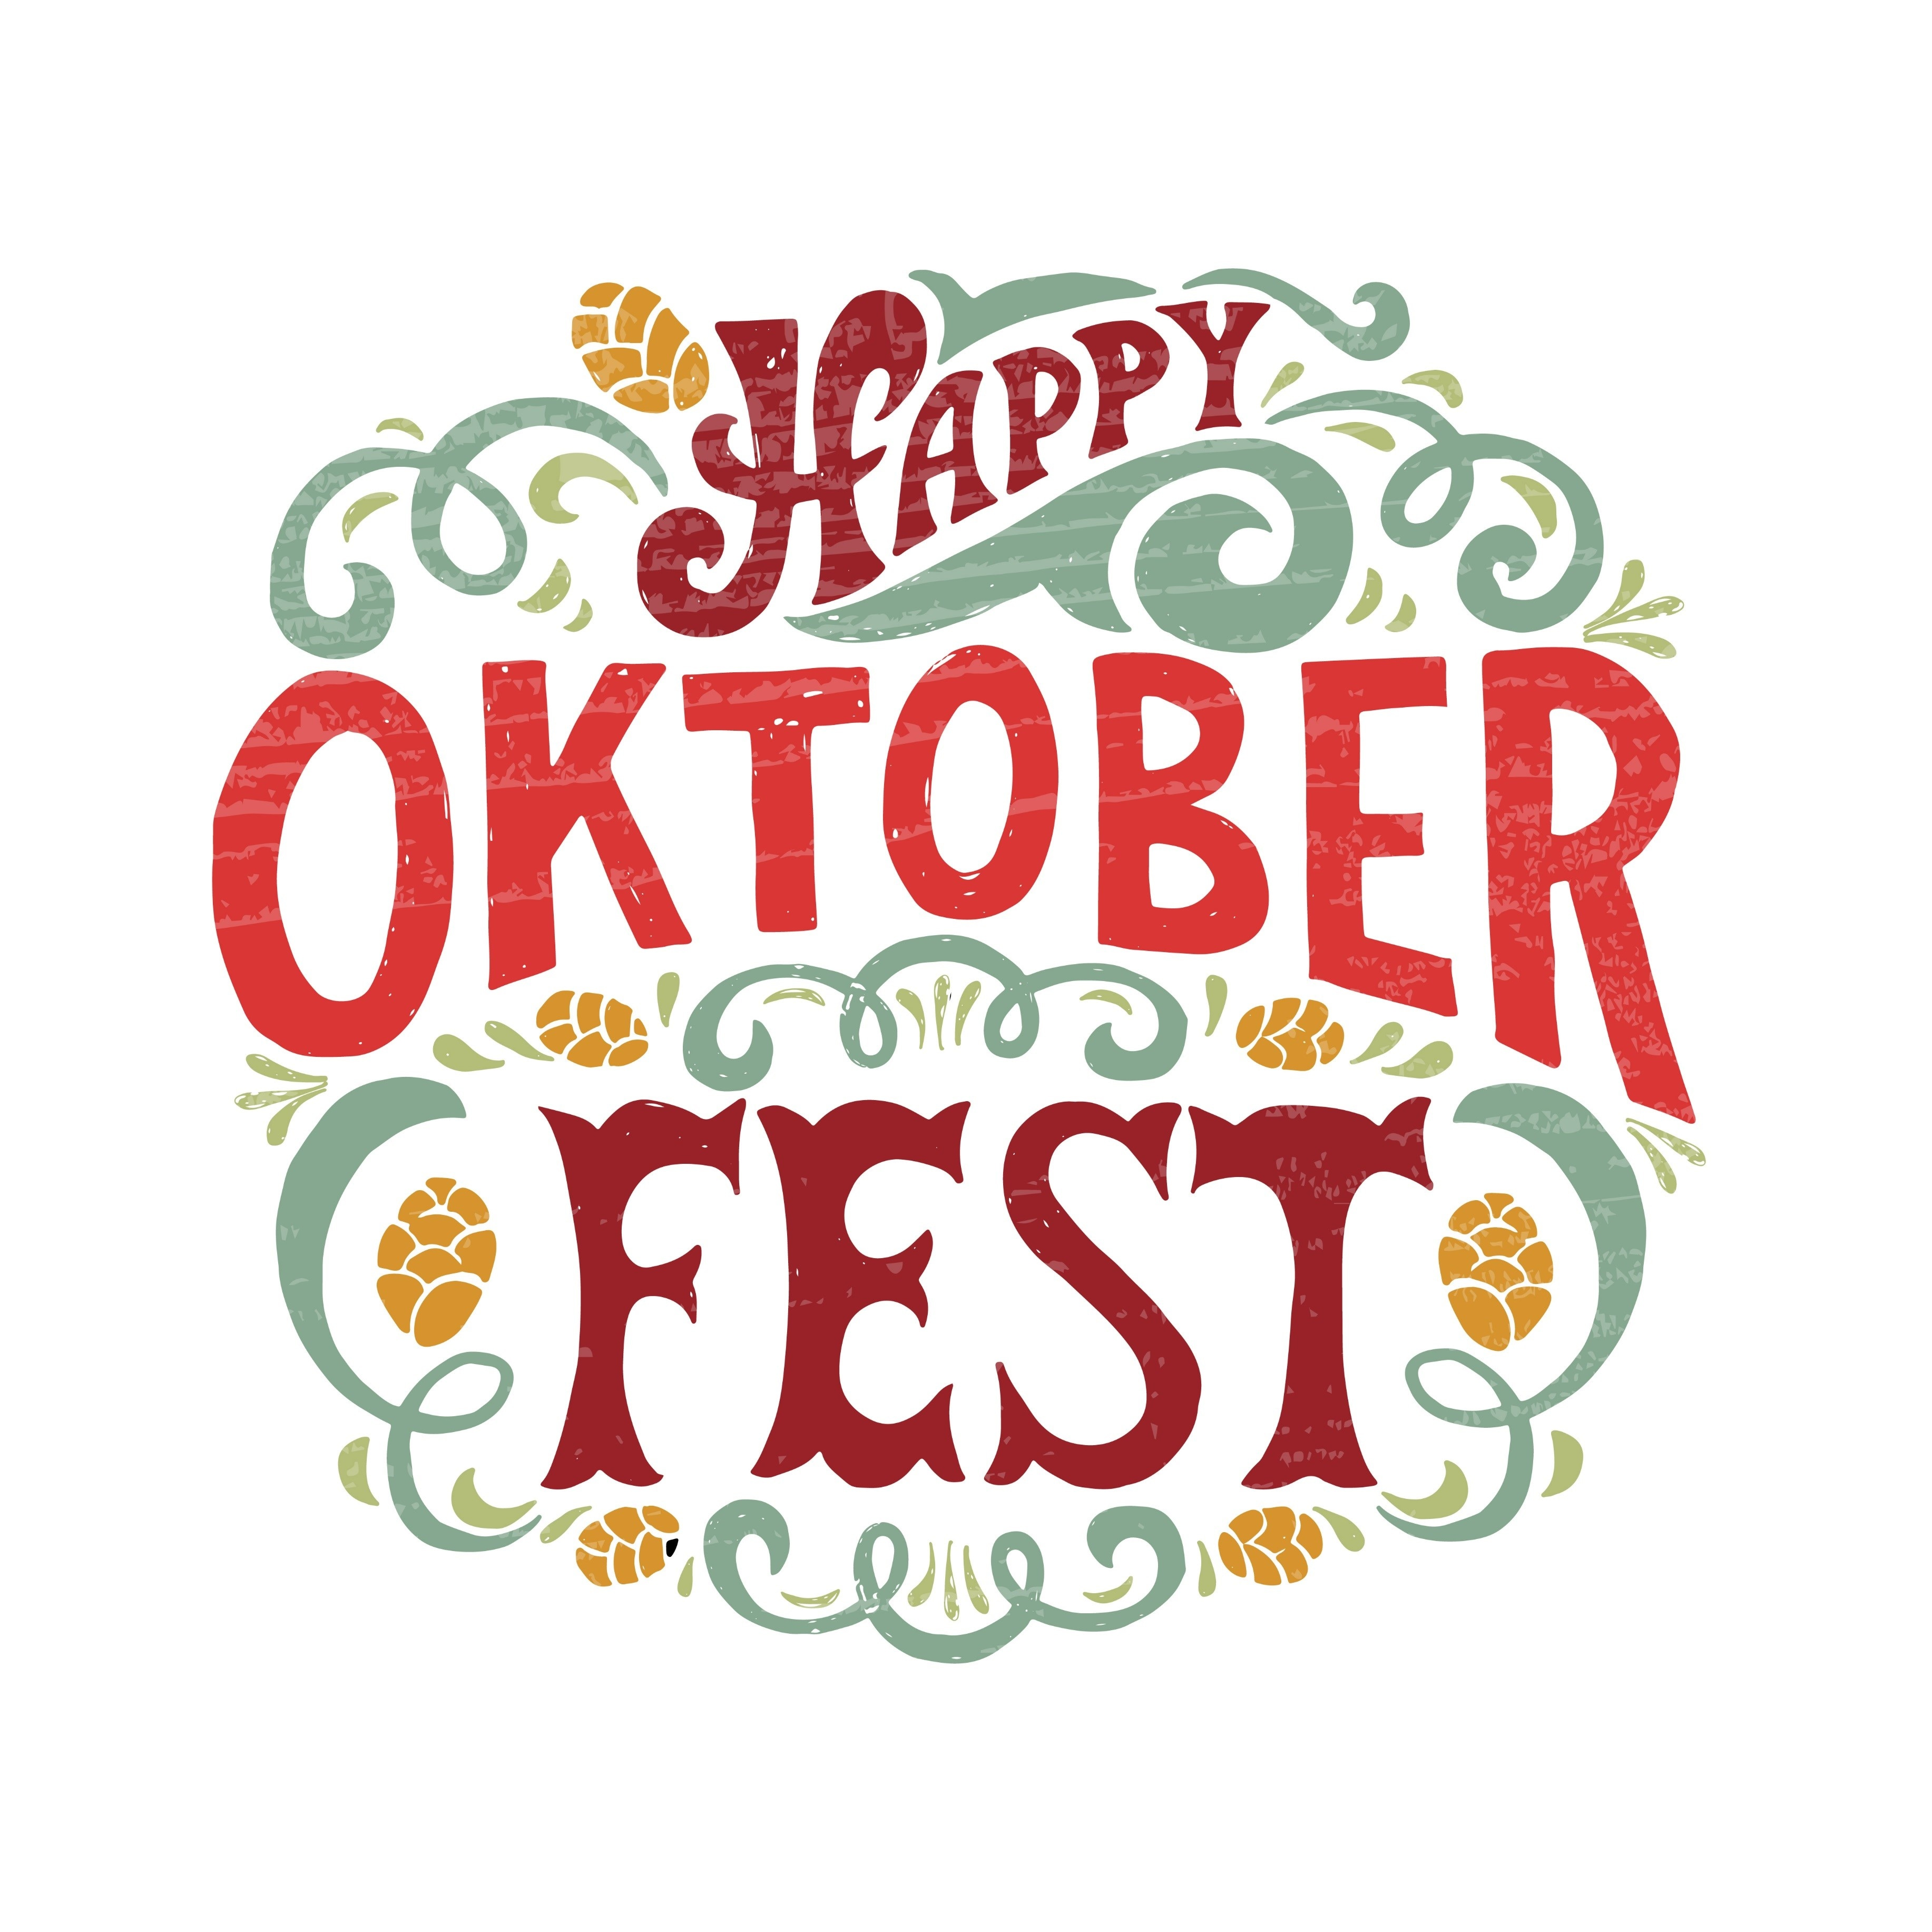 oktoberfest-events-columbus-oh